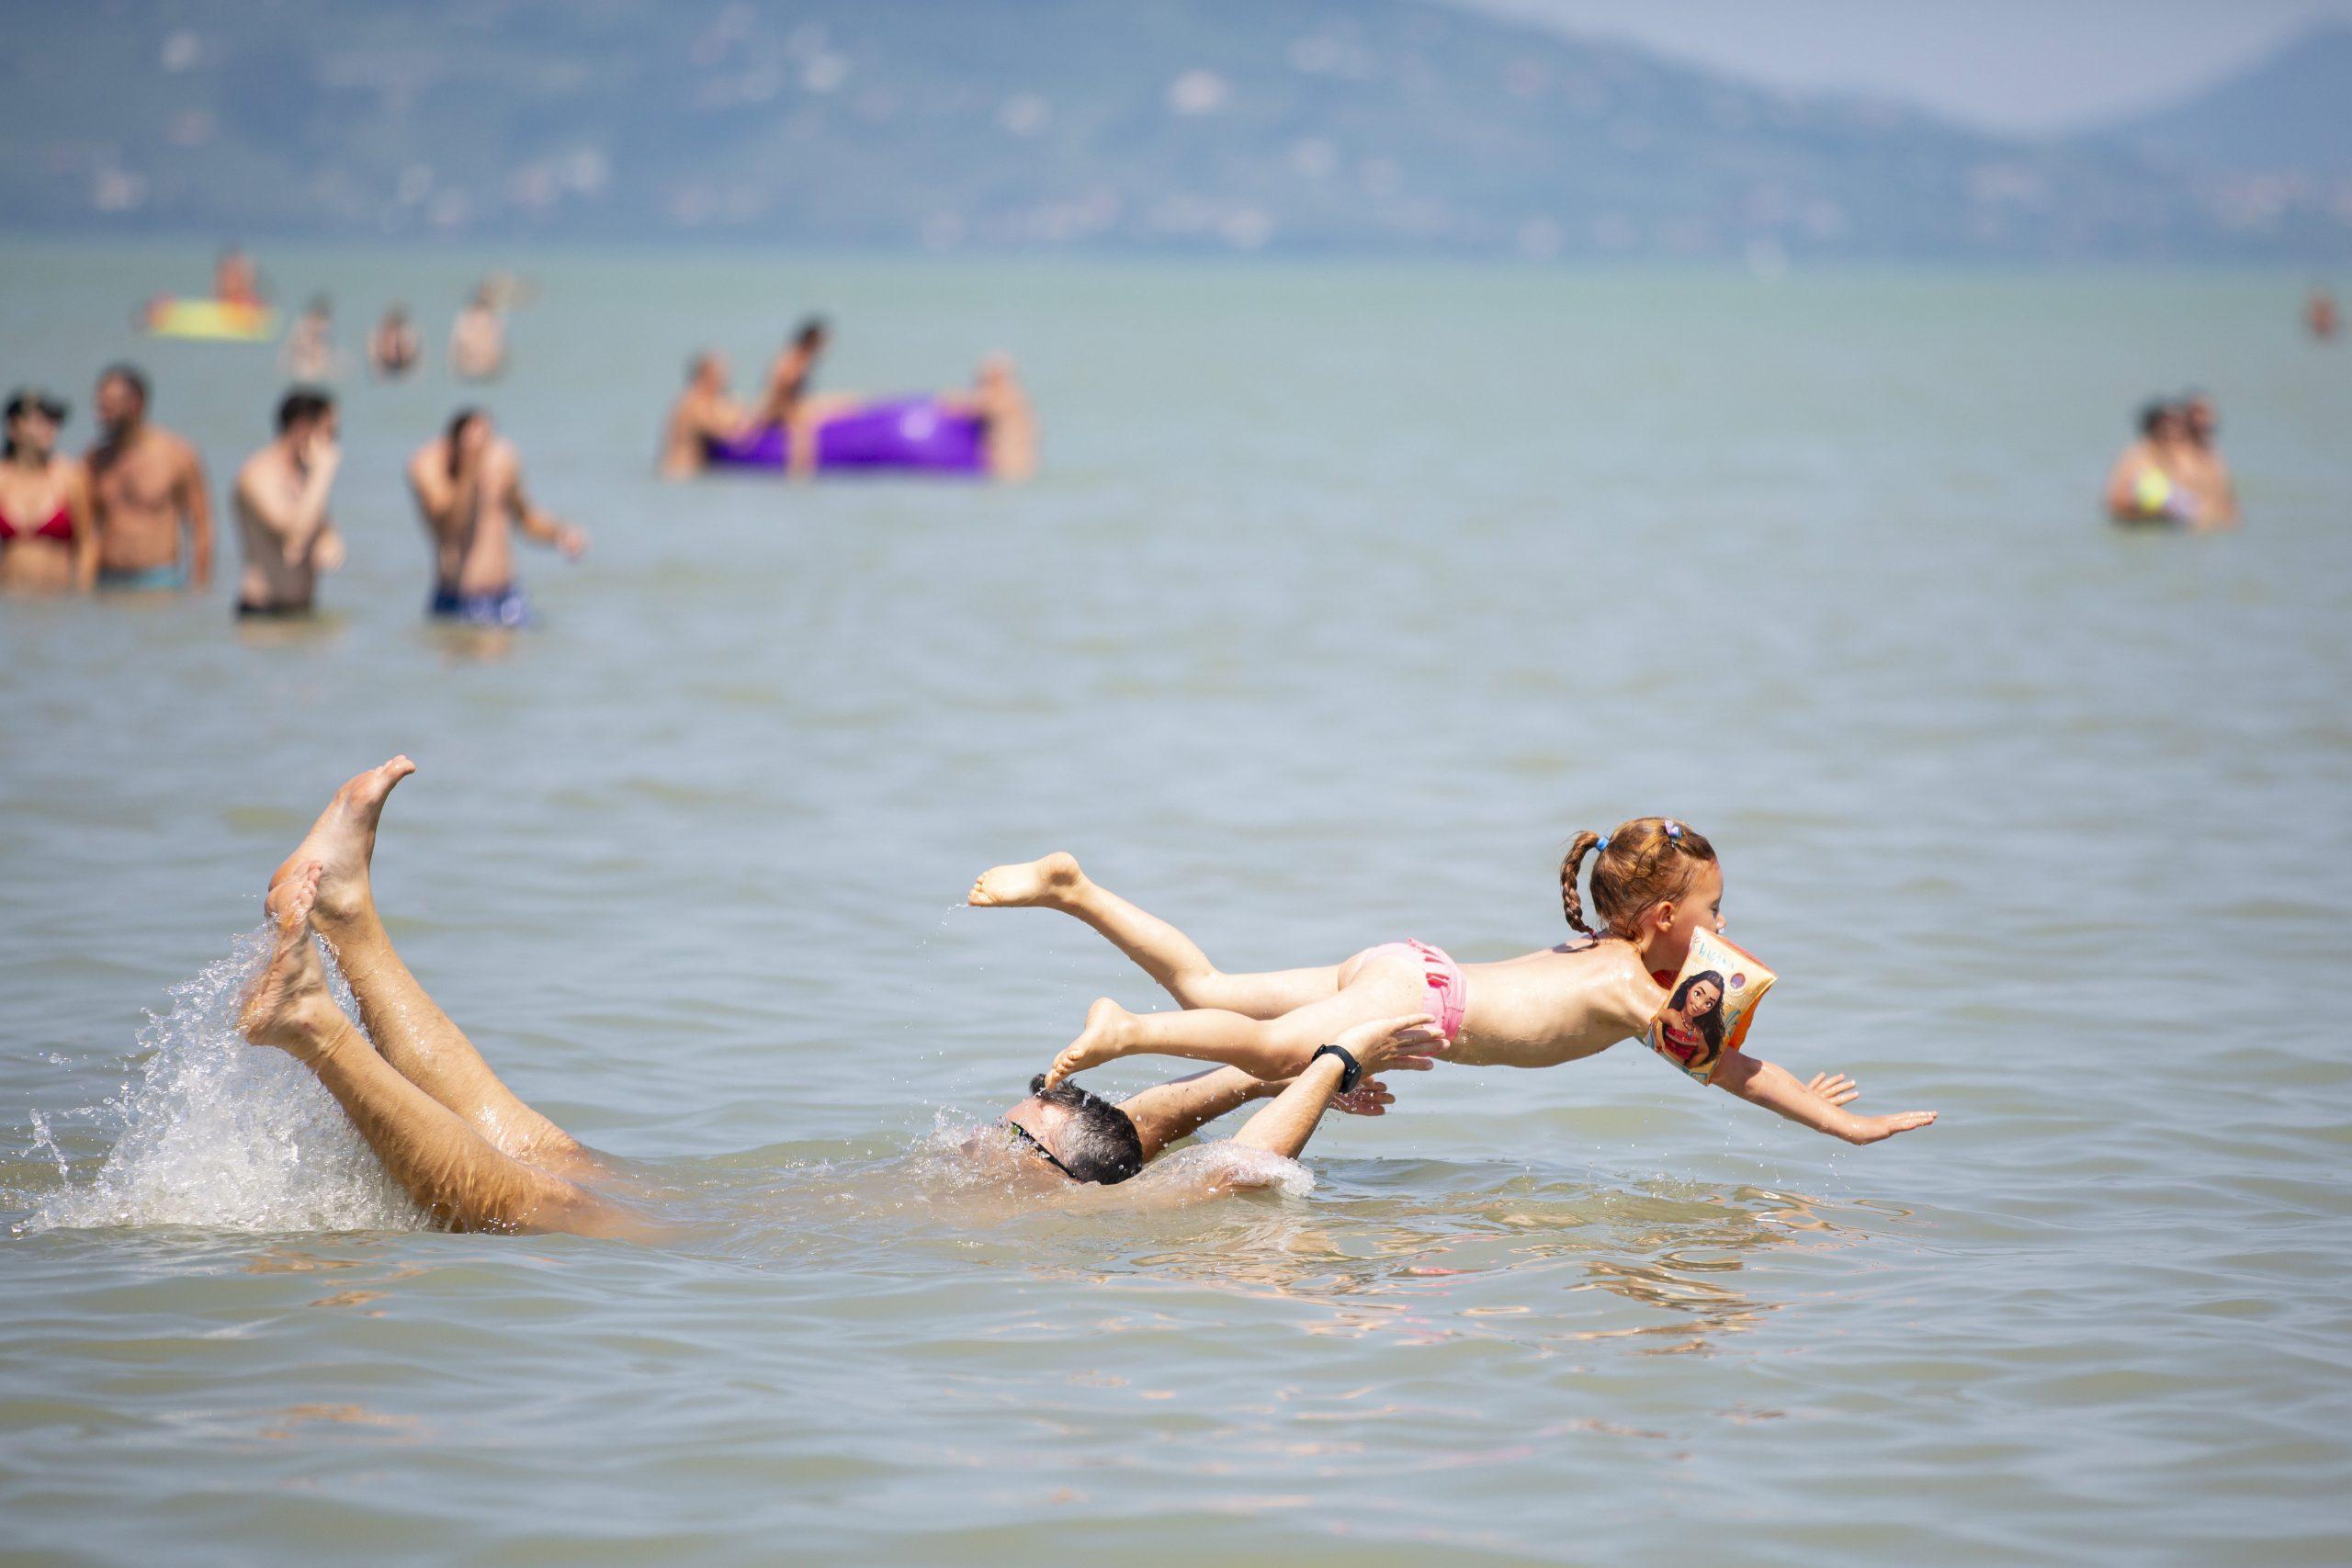 Sommer ist endlich da: Hitzewarnung fürs Wochenende ausgegeben